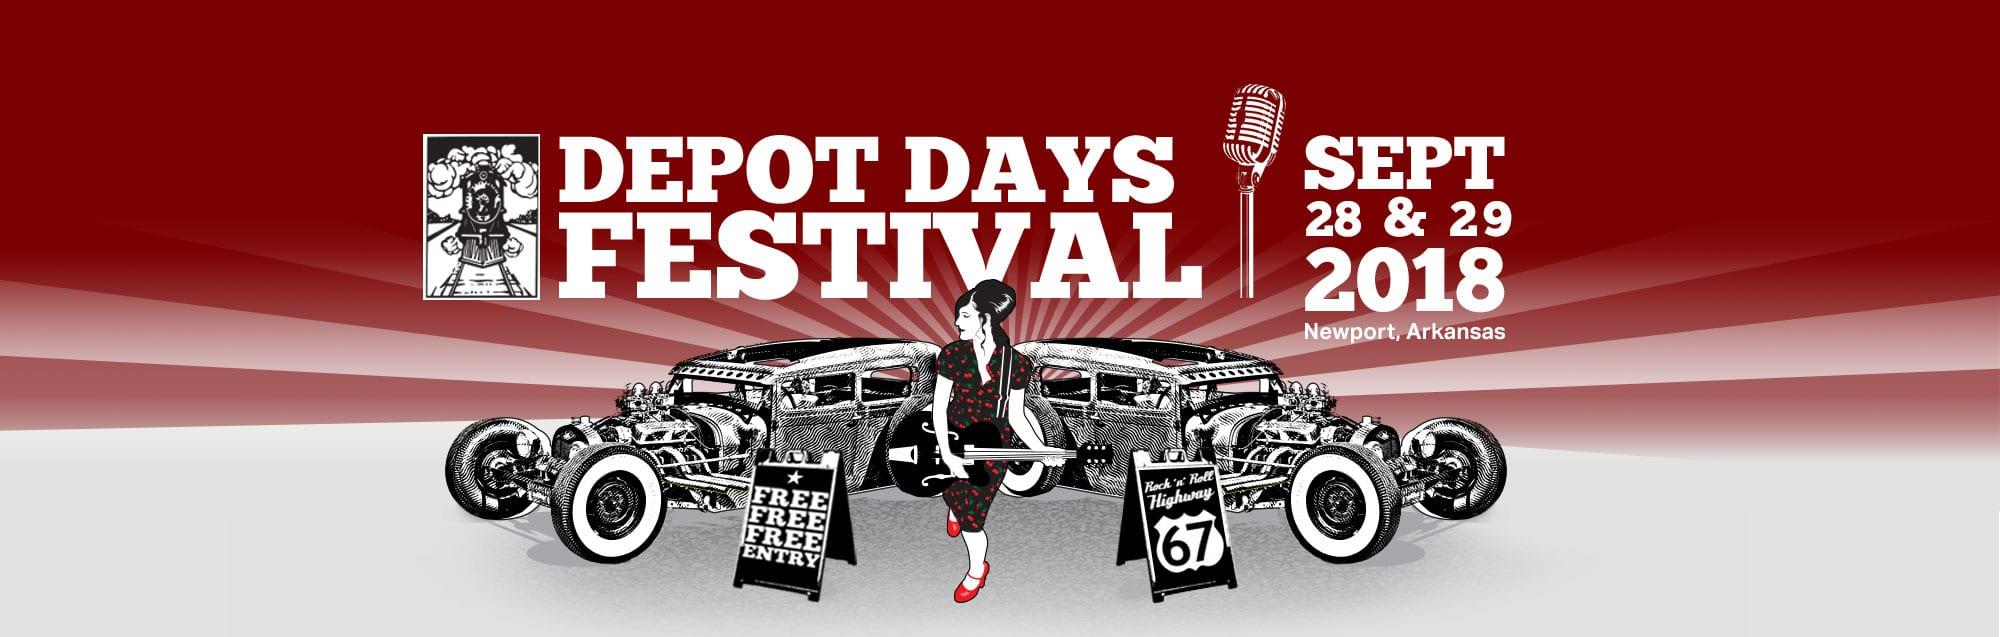 Depot Days Music Festival